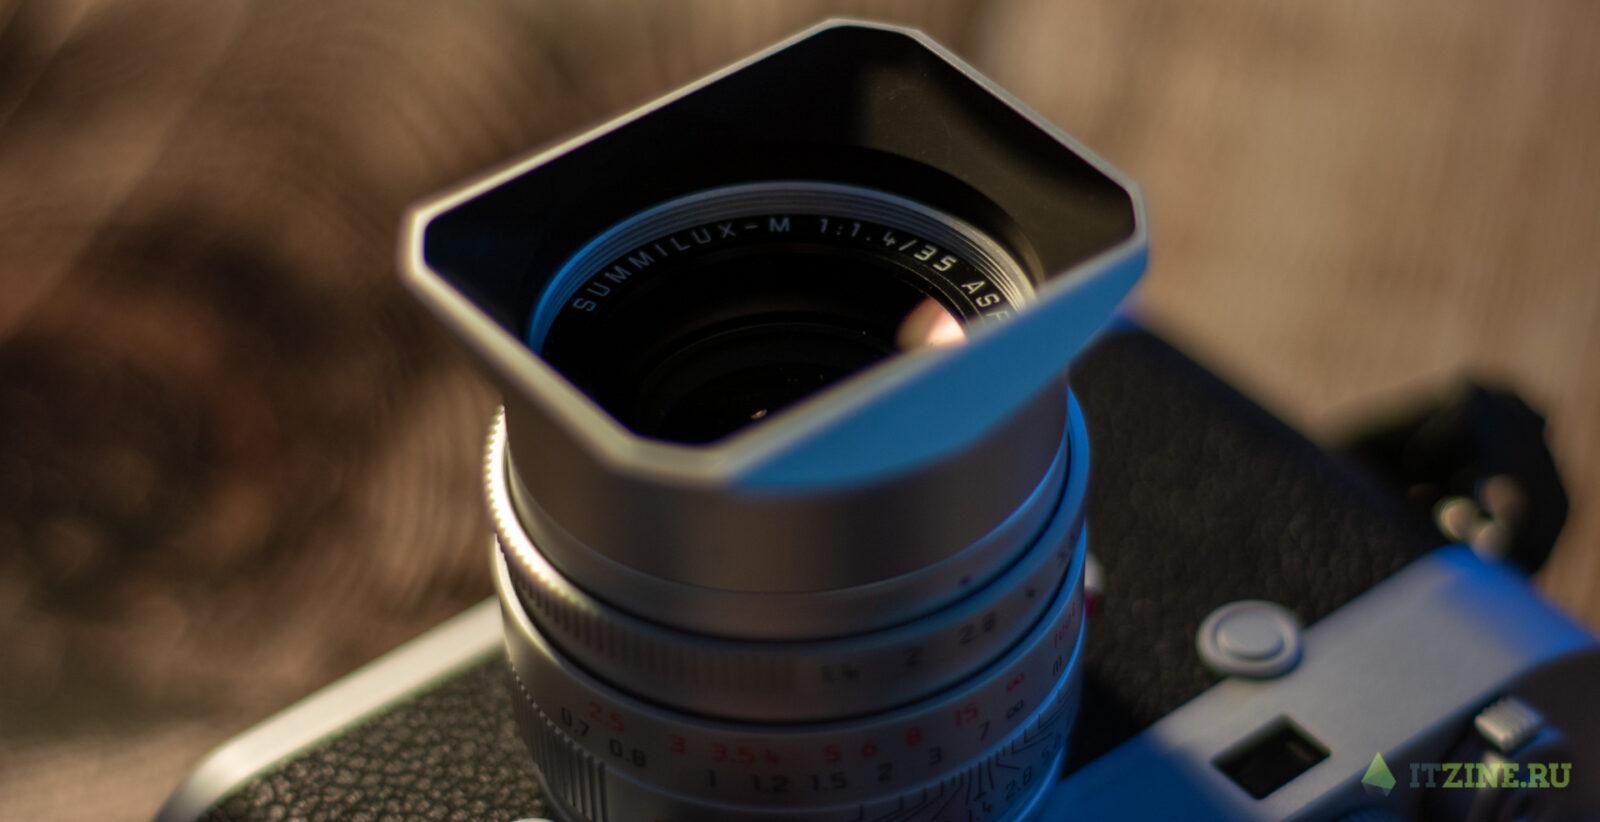 Обзор камеры Leica M10: круче просто некуда (DSC 9397)